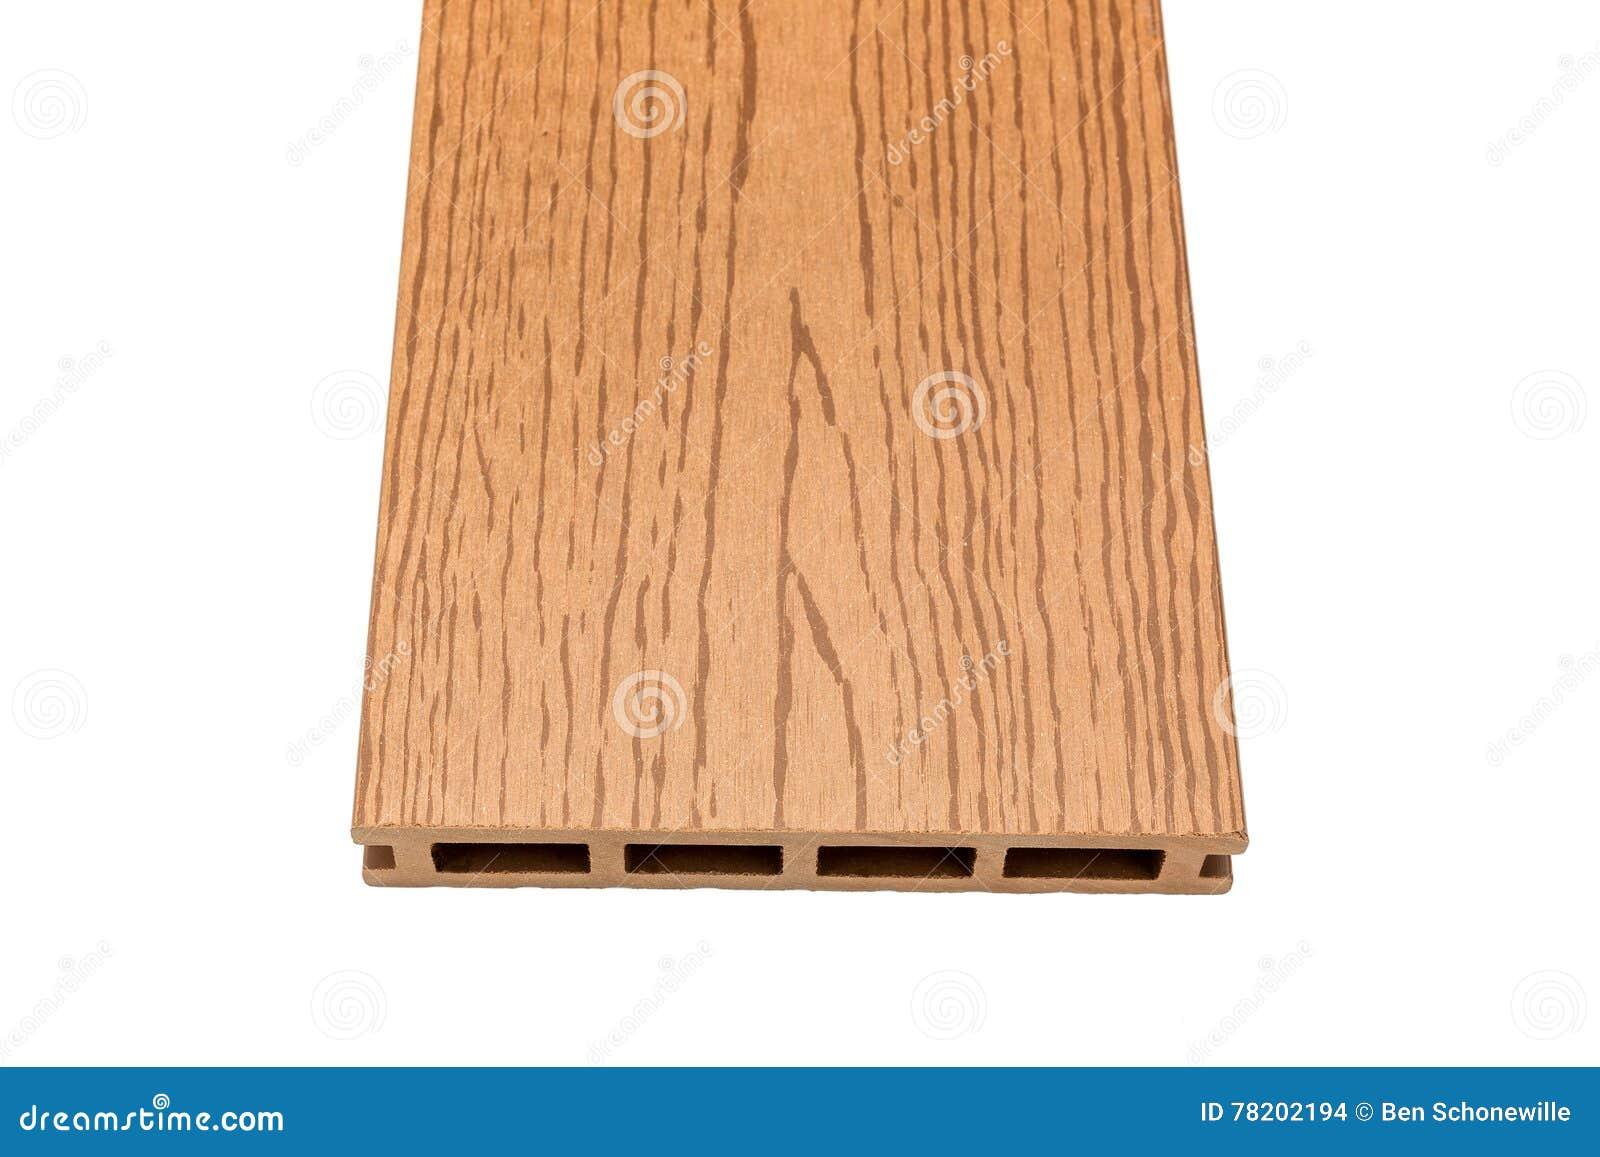 Σύνθετος decking πίνακας με τα ξύλινα σιτάρια στο λευκό